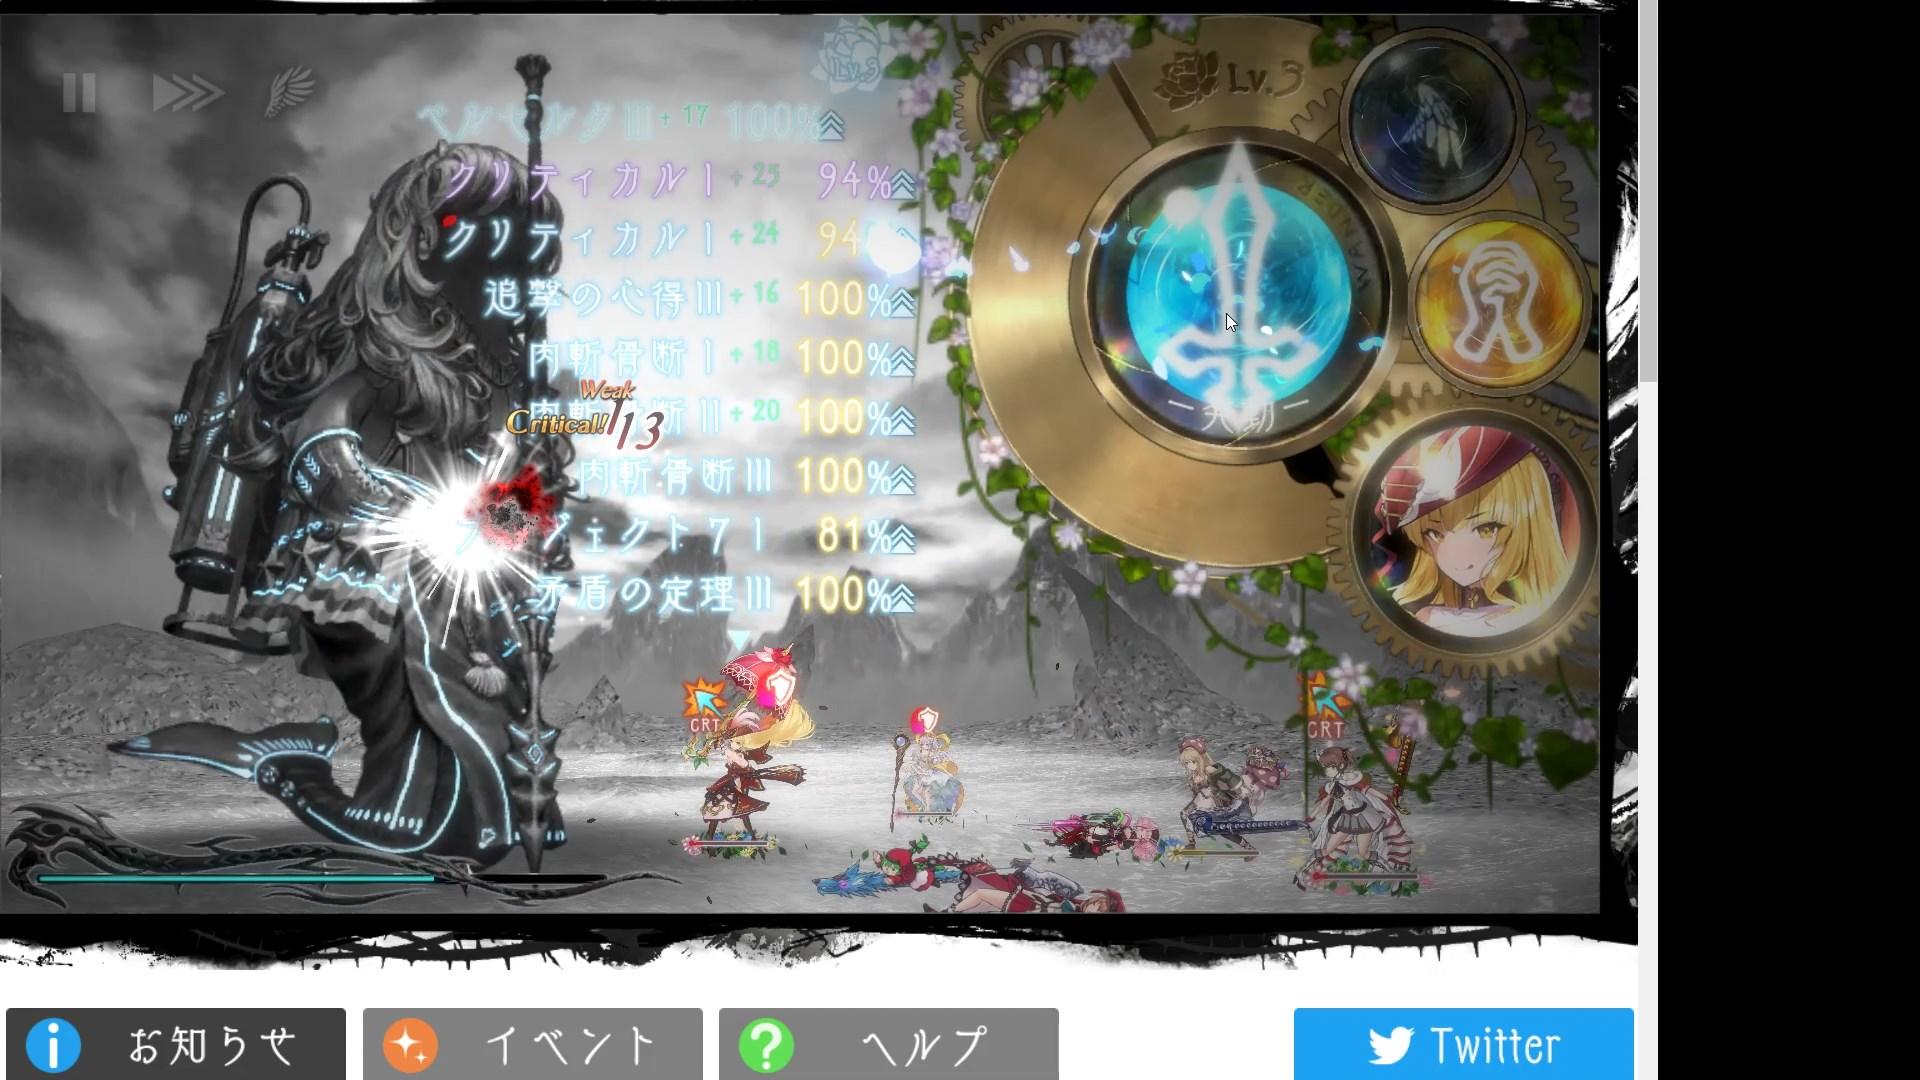 2020-09-05 23-10-14.mp4_snapshot_02.00.505.jpg